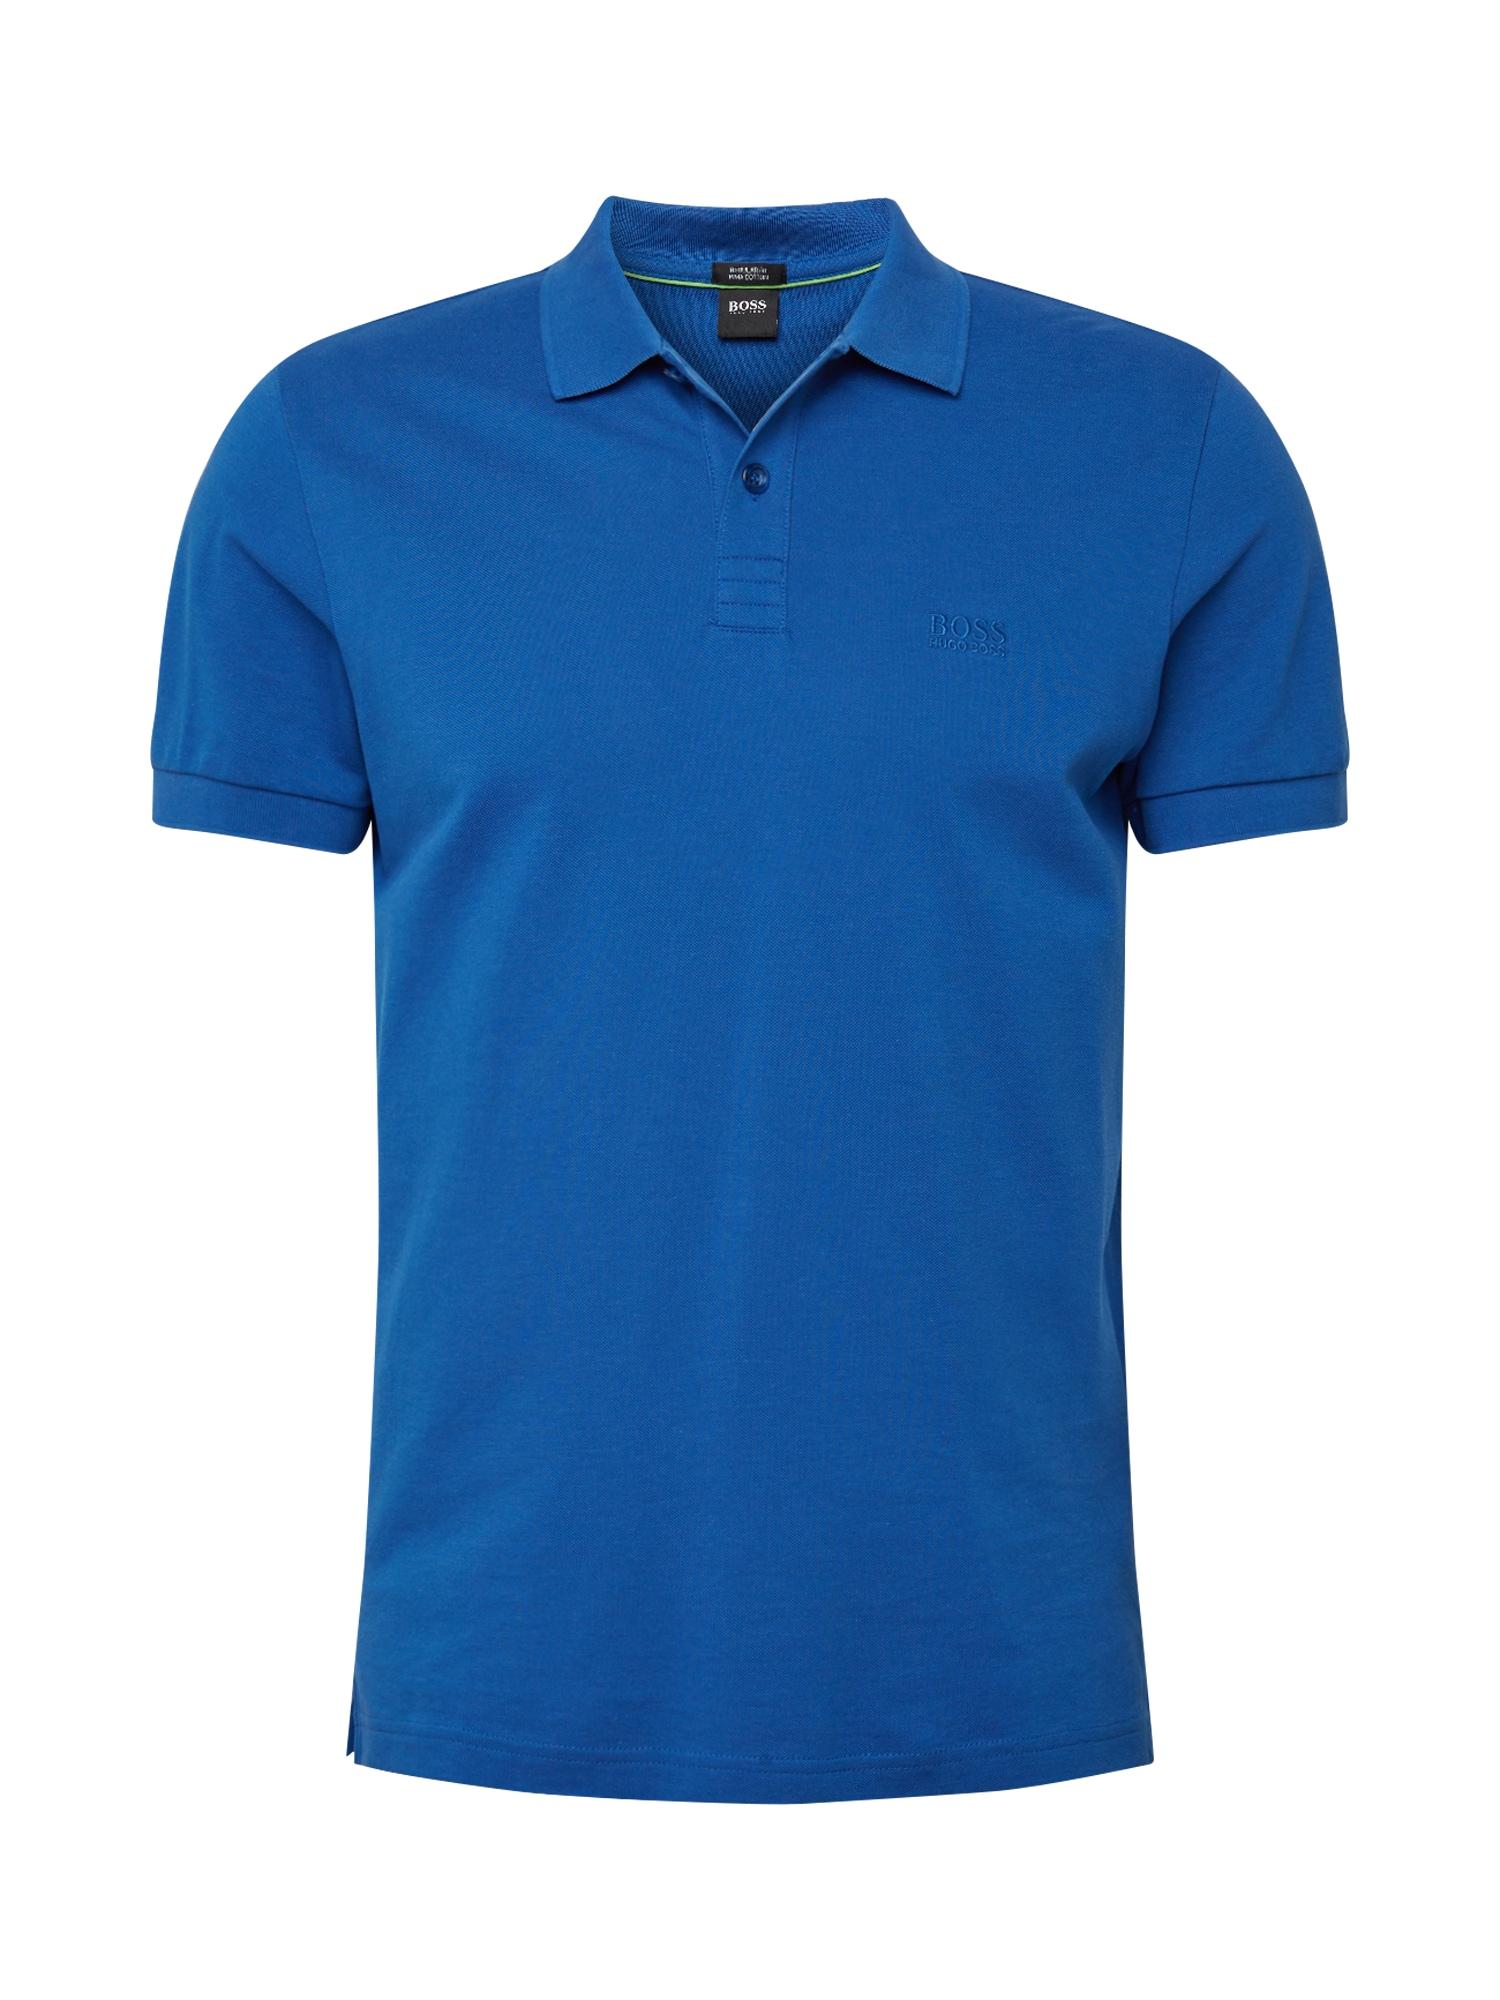 BOSS ATHLEISURE Marškinėliai mėlyna